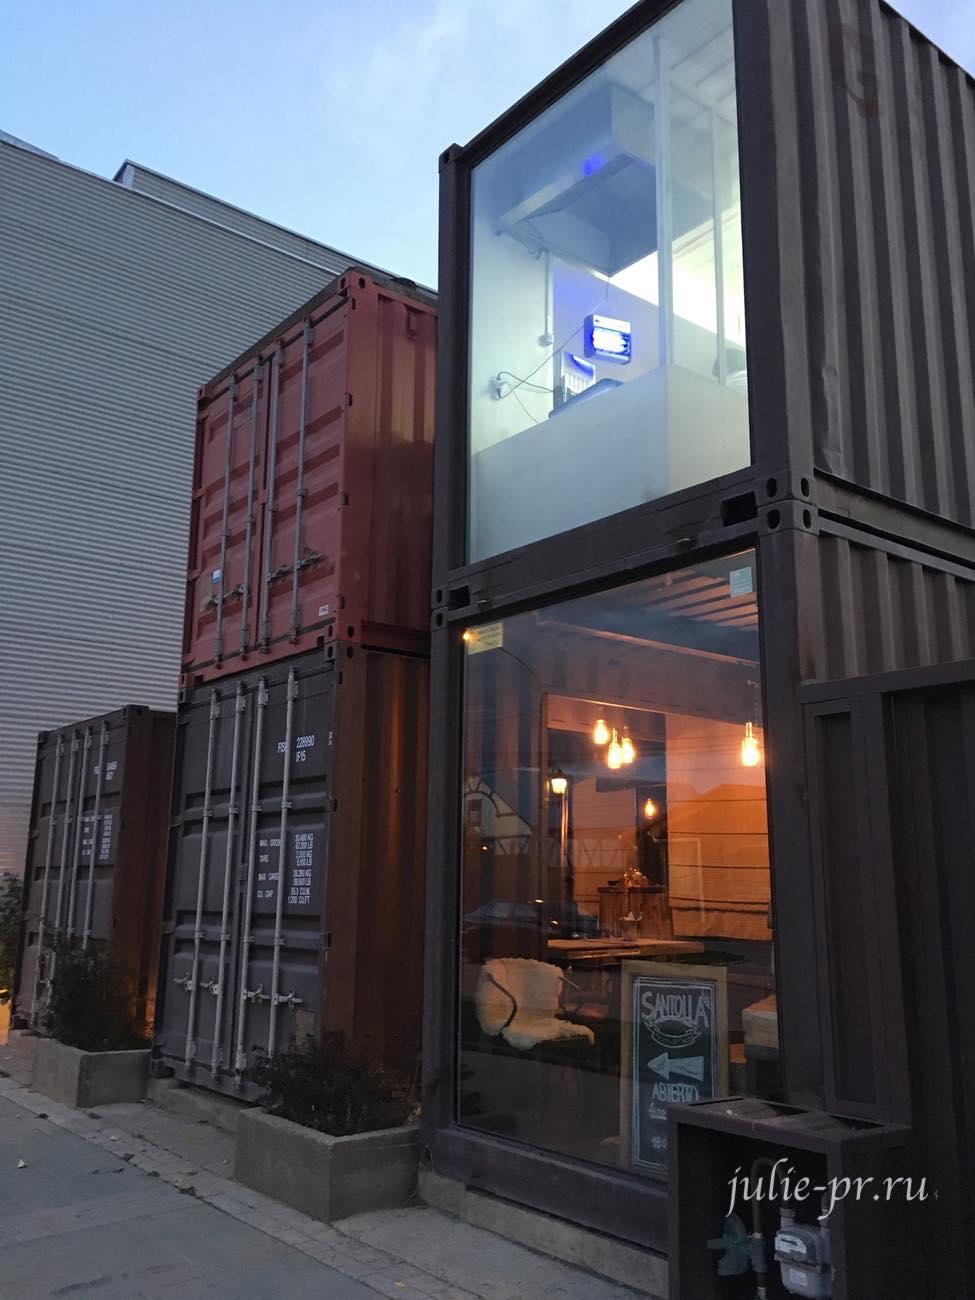 Чили, Патагония, Пуэрто-Наталес, ресторан Santolla в контейнере